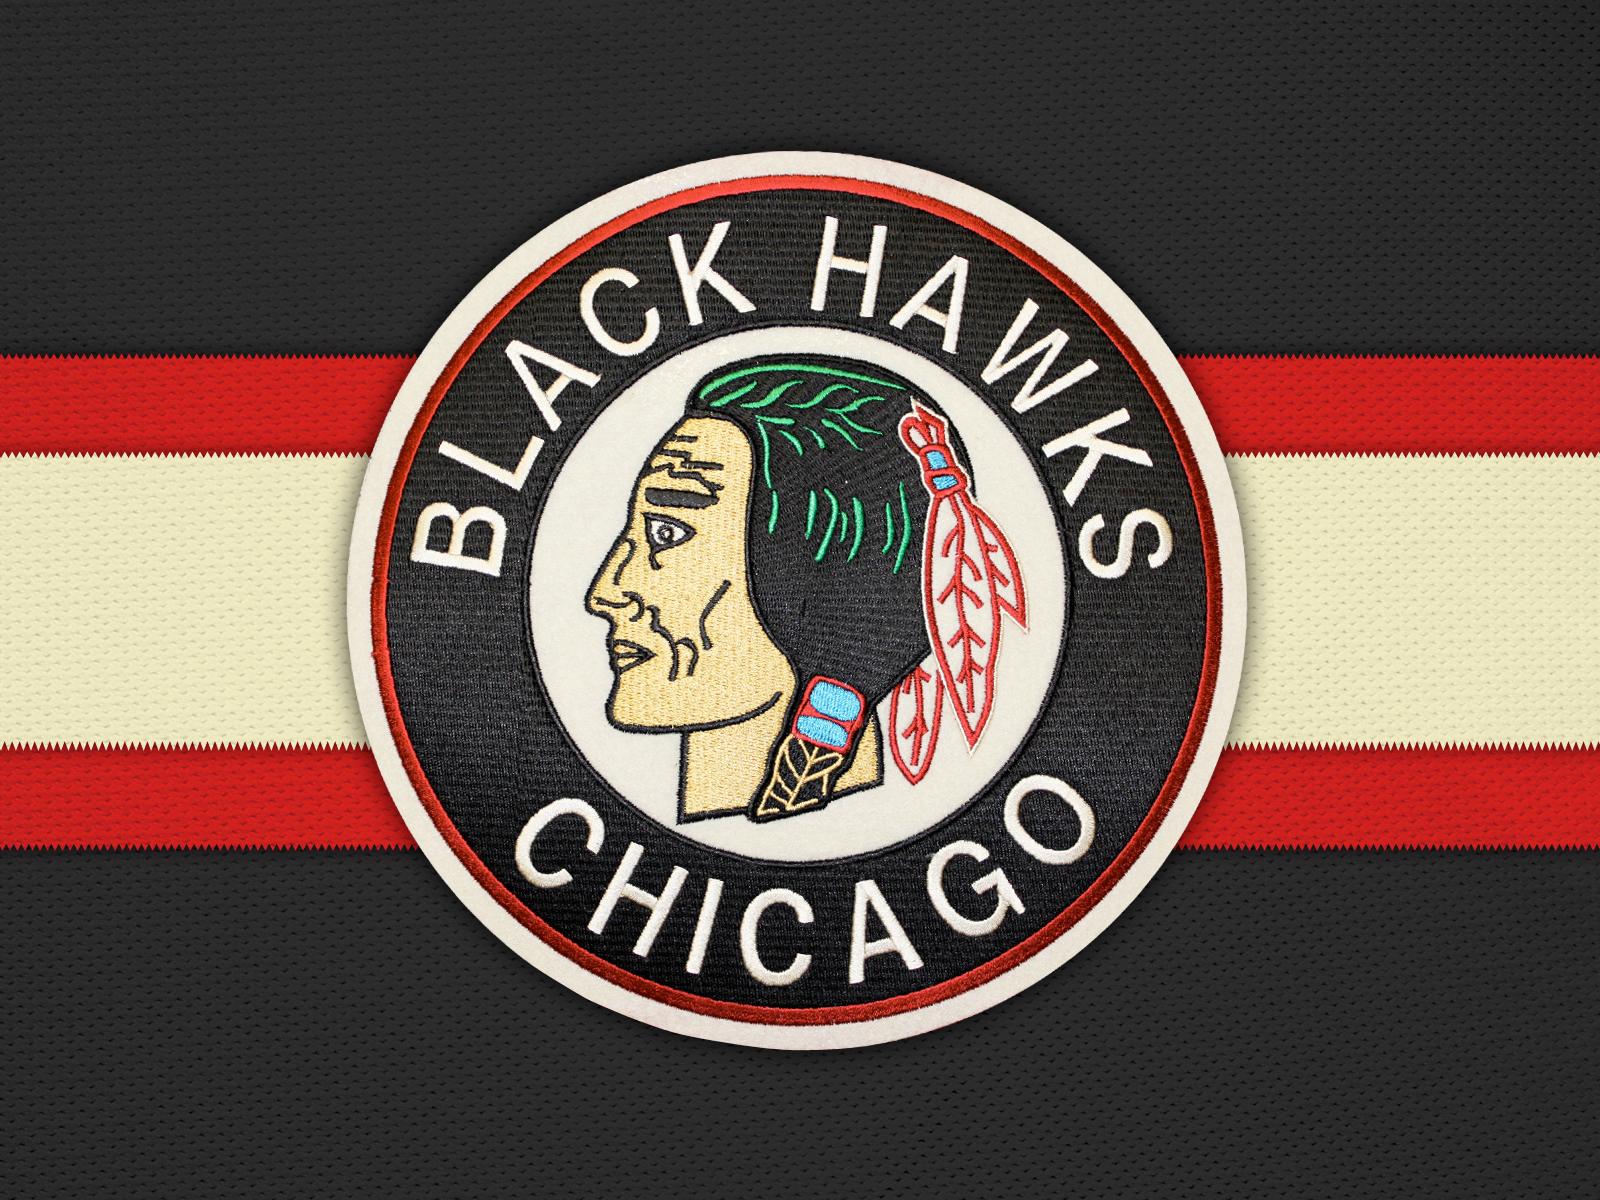 Chicago Blackhawks Computer Wallpapers Desktop Backgrounds 1600x1200